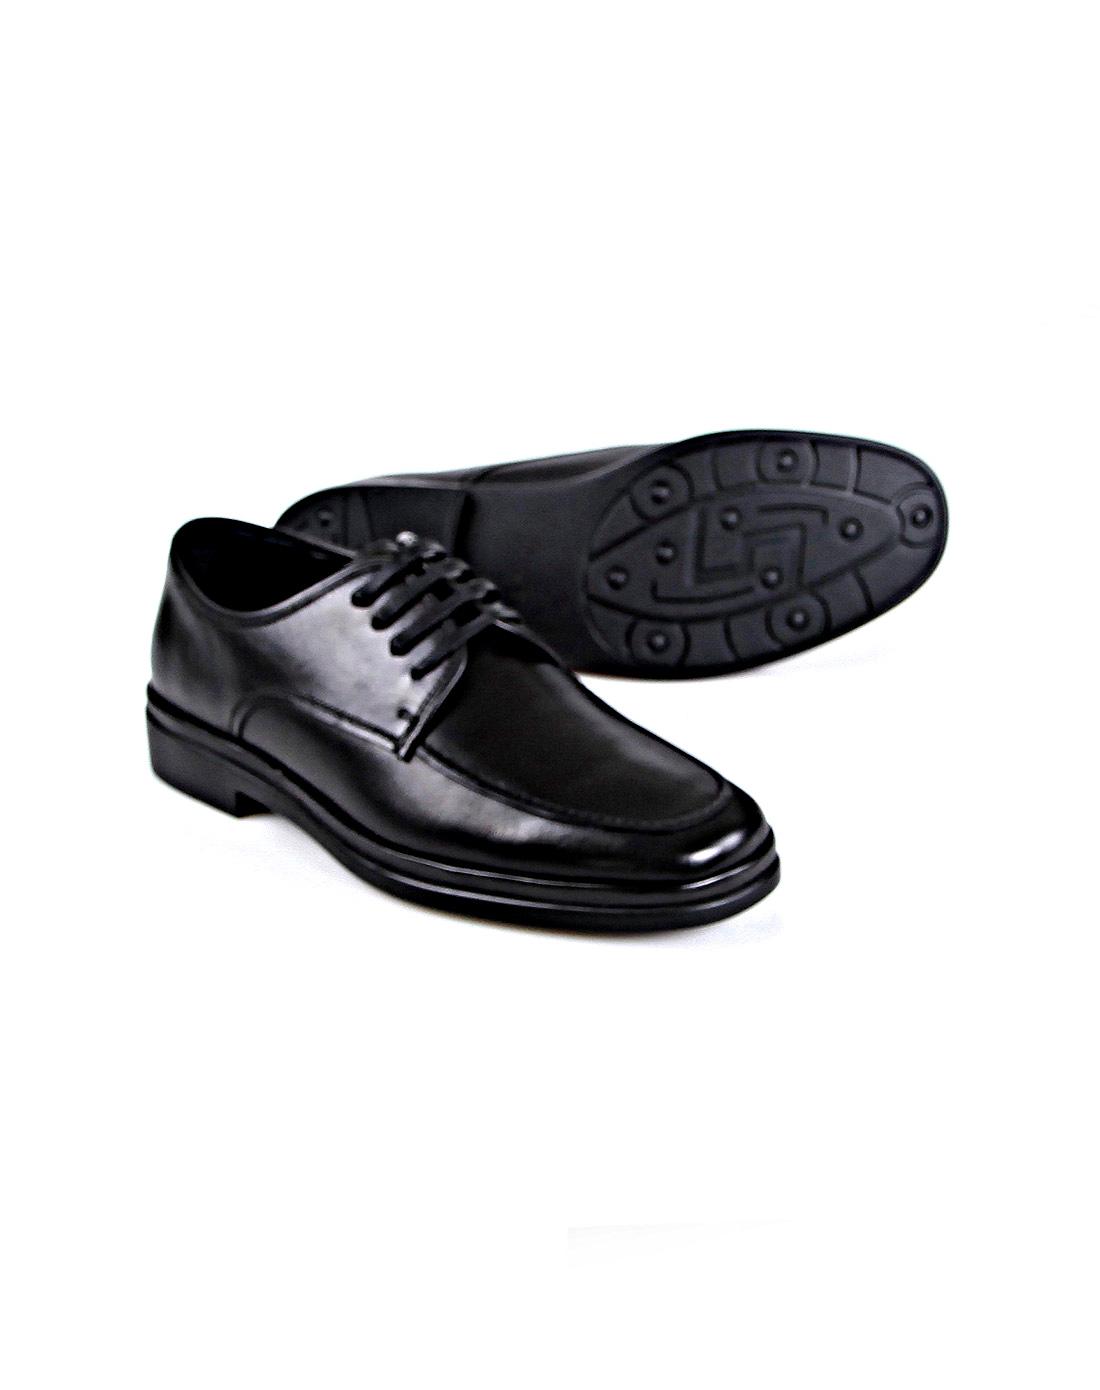 黑色商务皮鞋